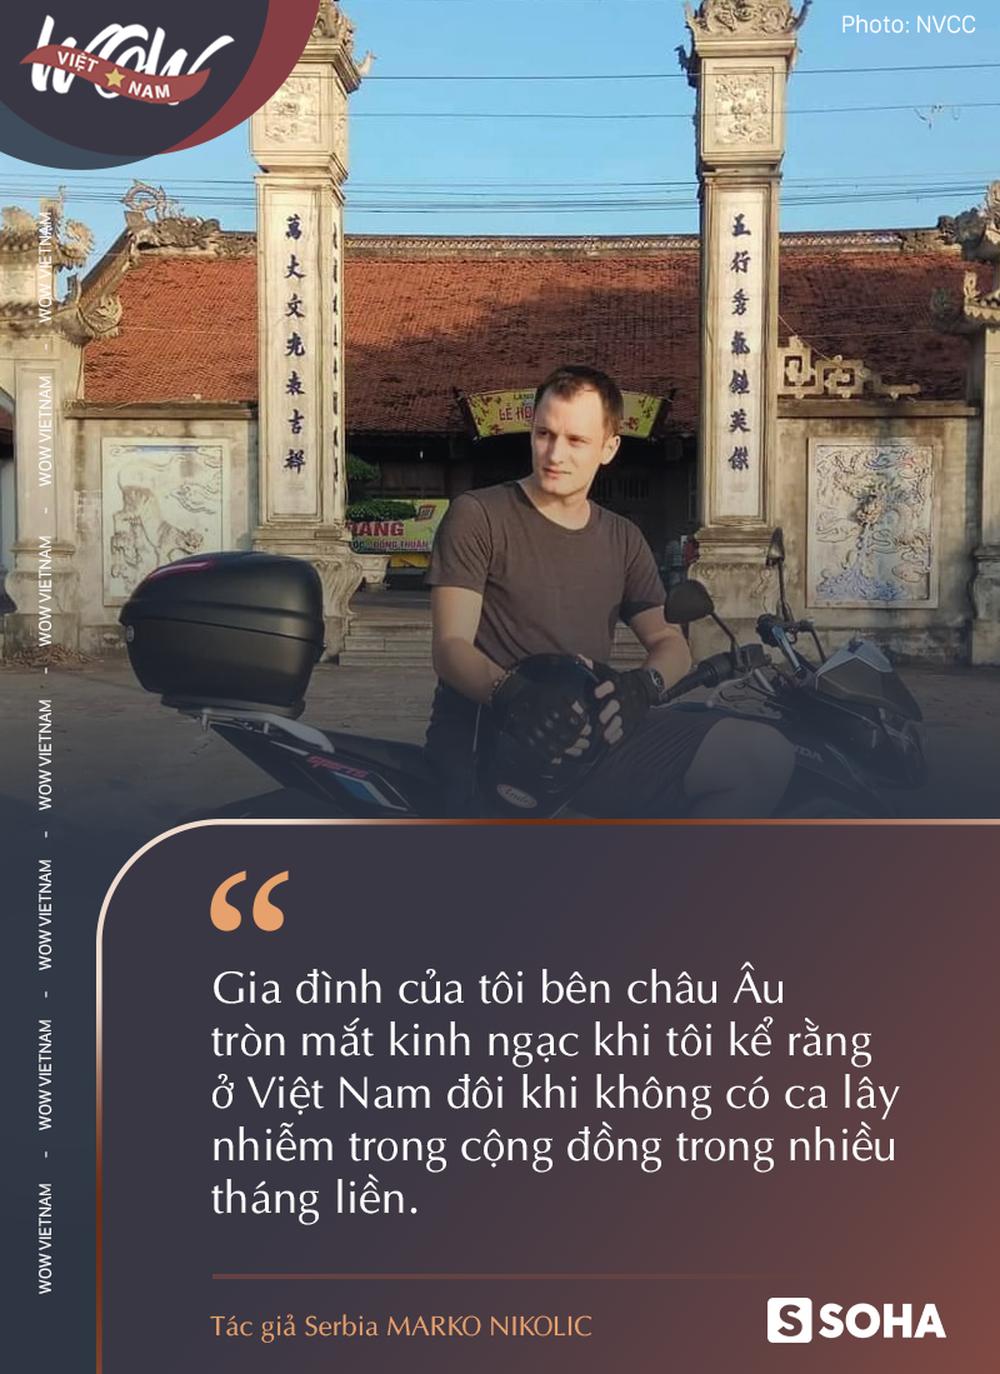 Không ít người nước ngoài hối tiếc vì năm ngoái đã vội rời khỏi Việt Nam - Ảnh 3.